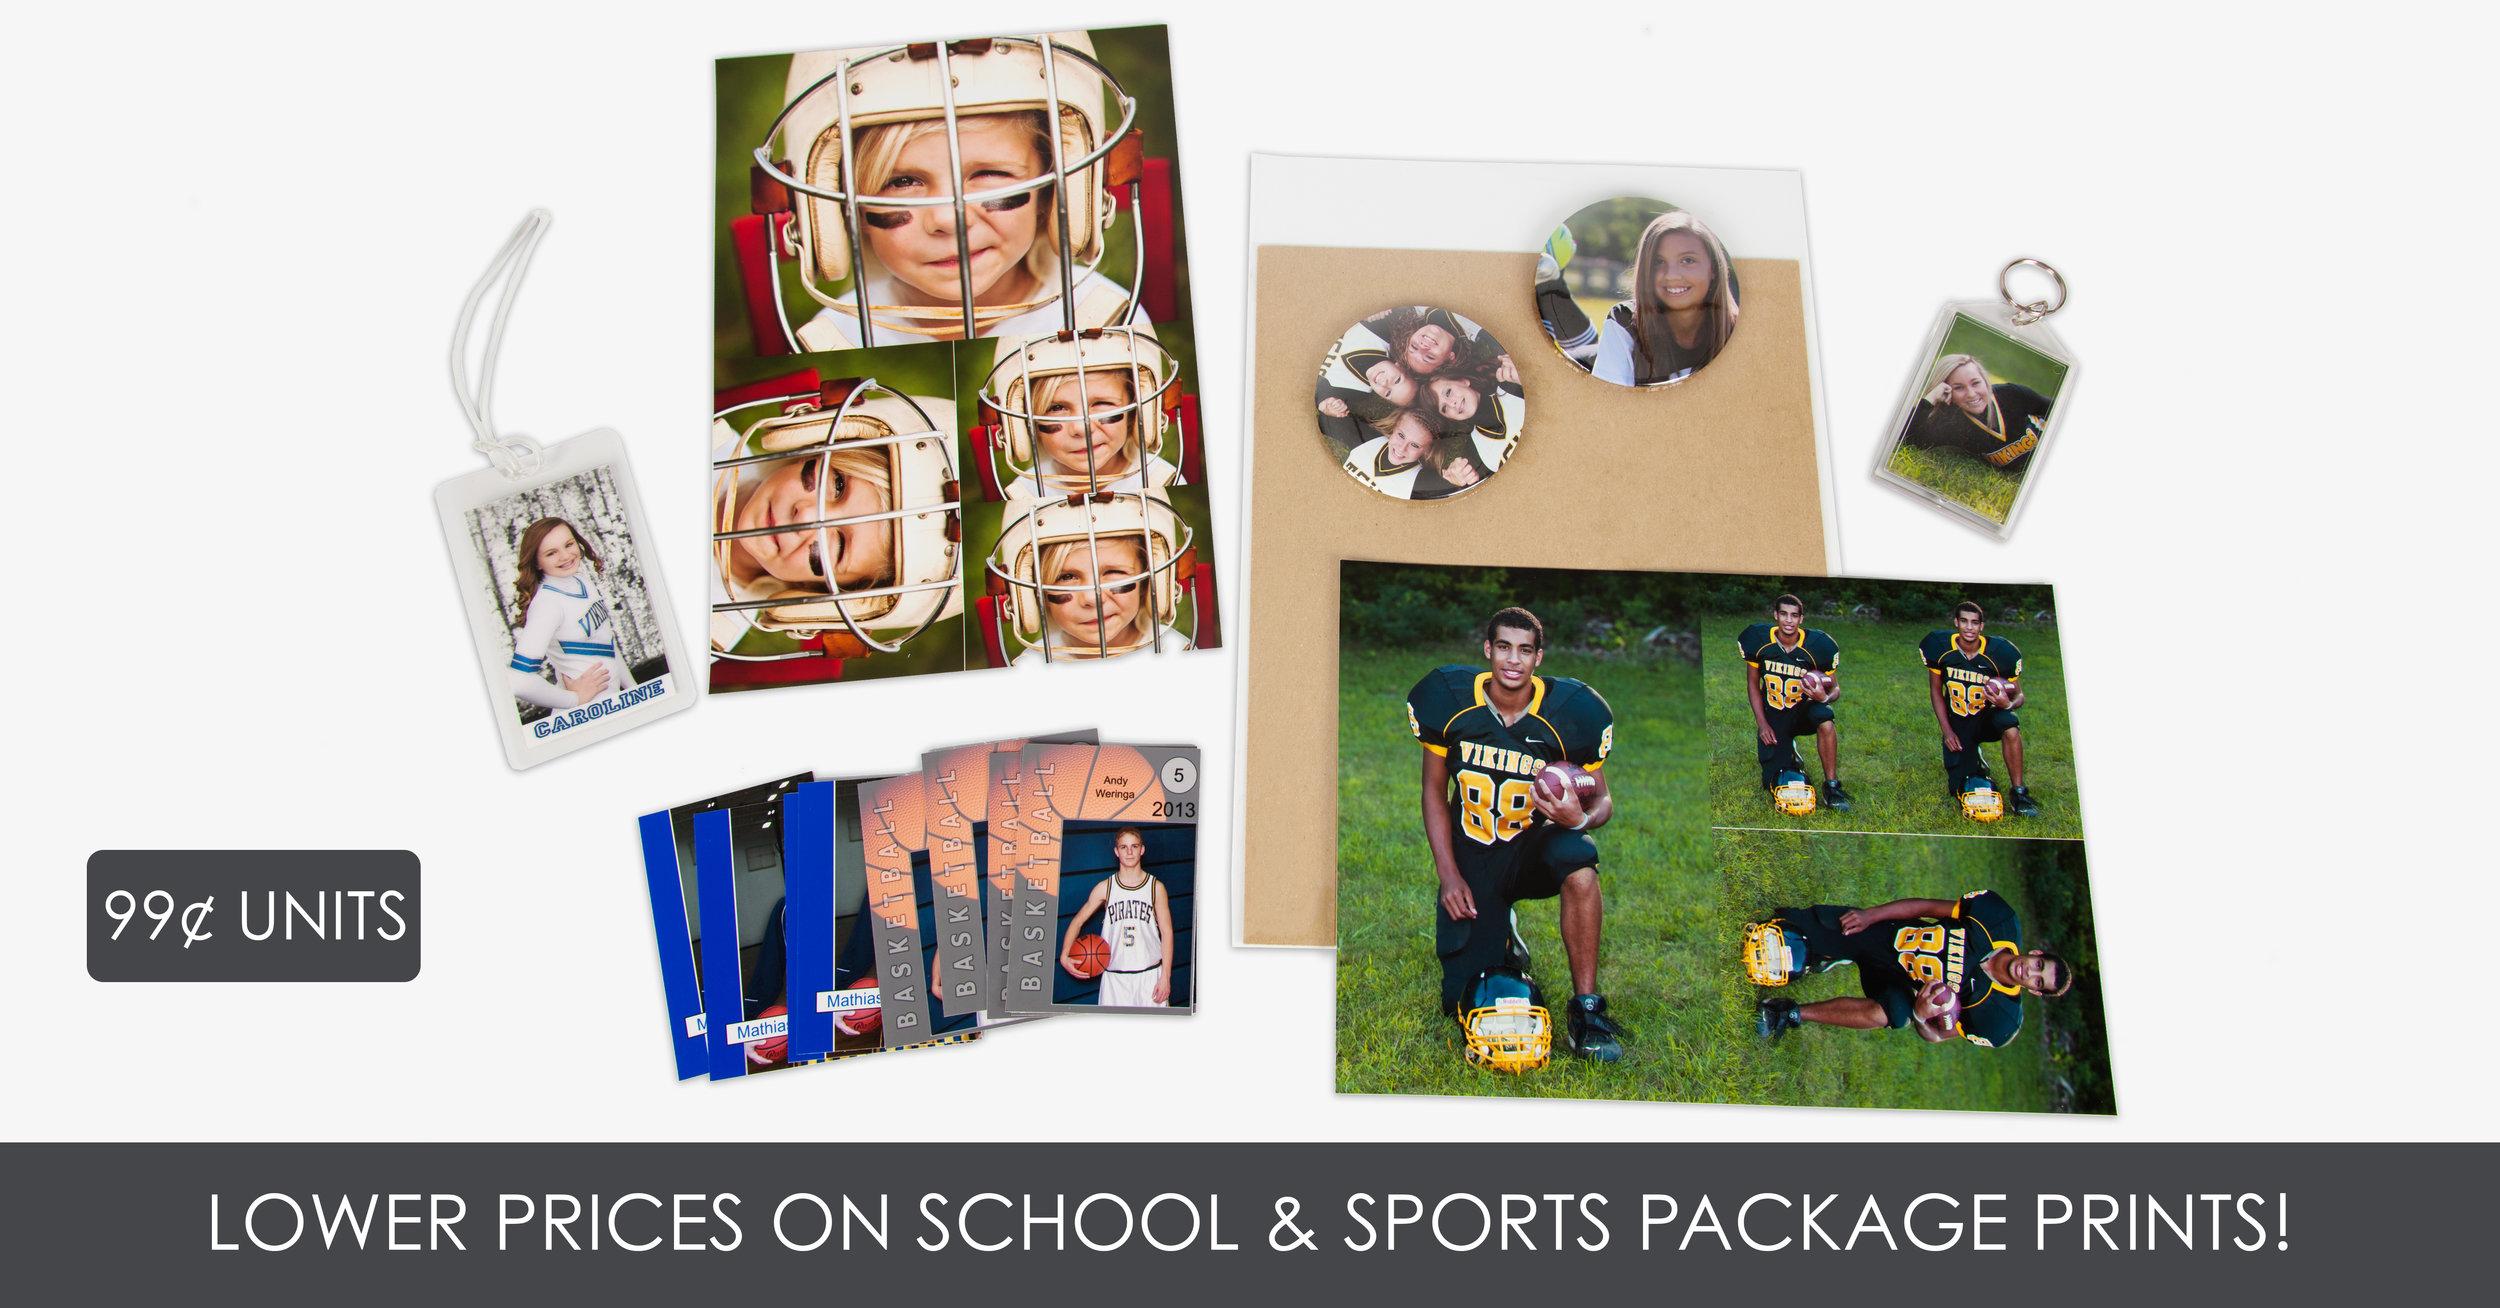 _MG_1432-Sports_Package_Prints_HEADER.jpg